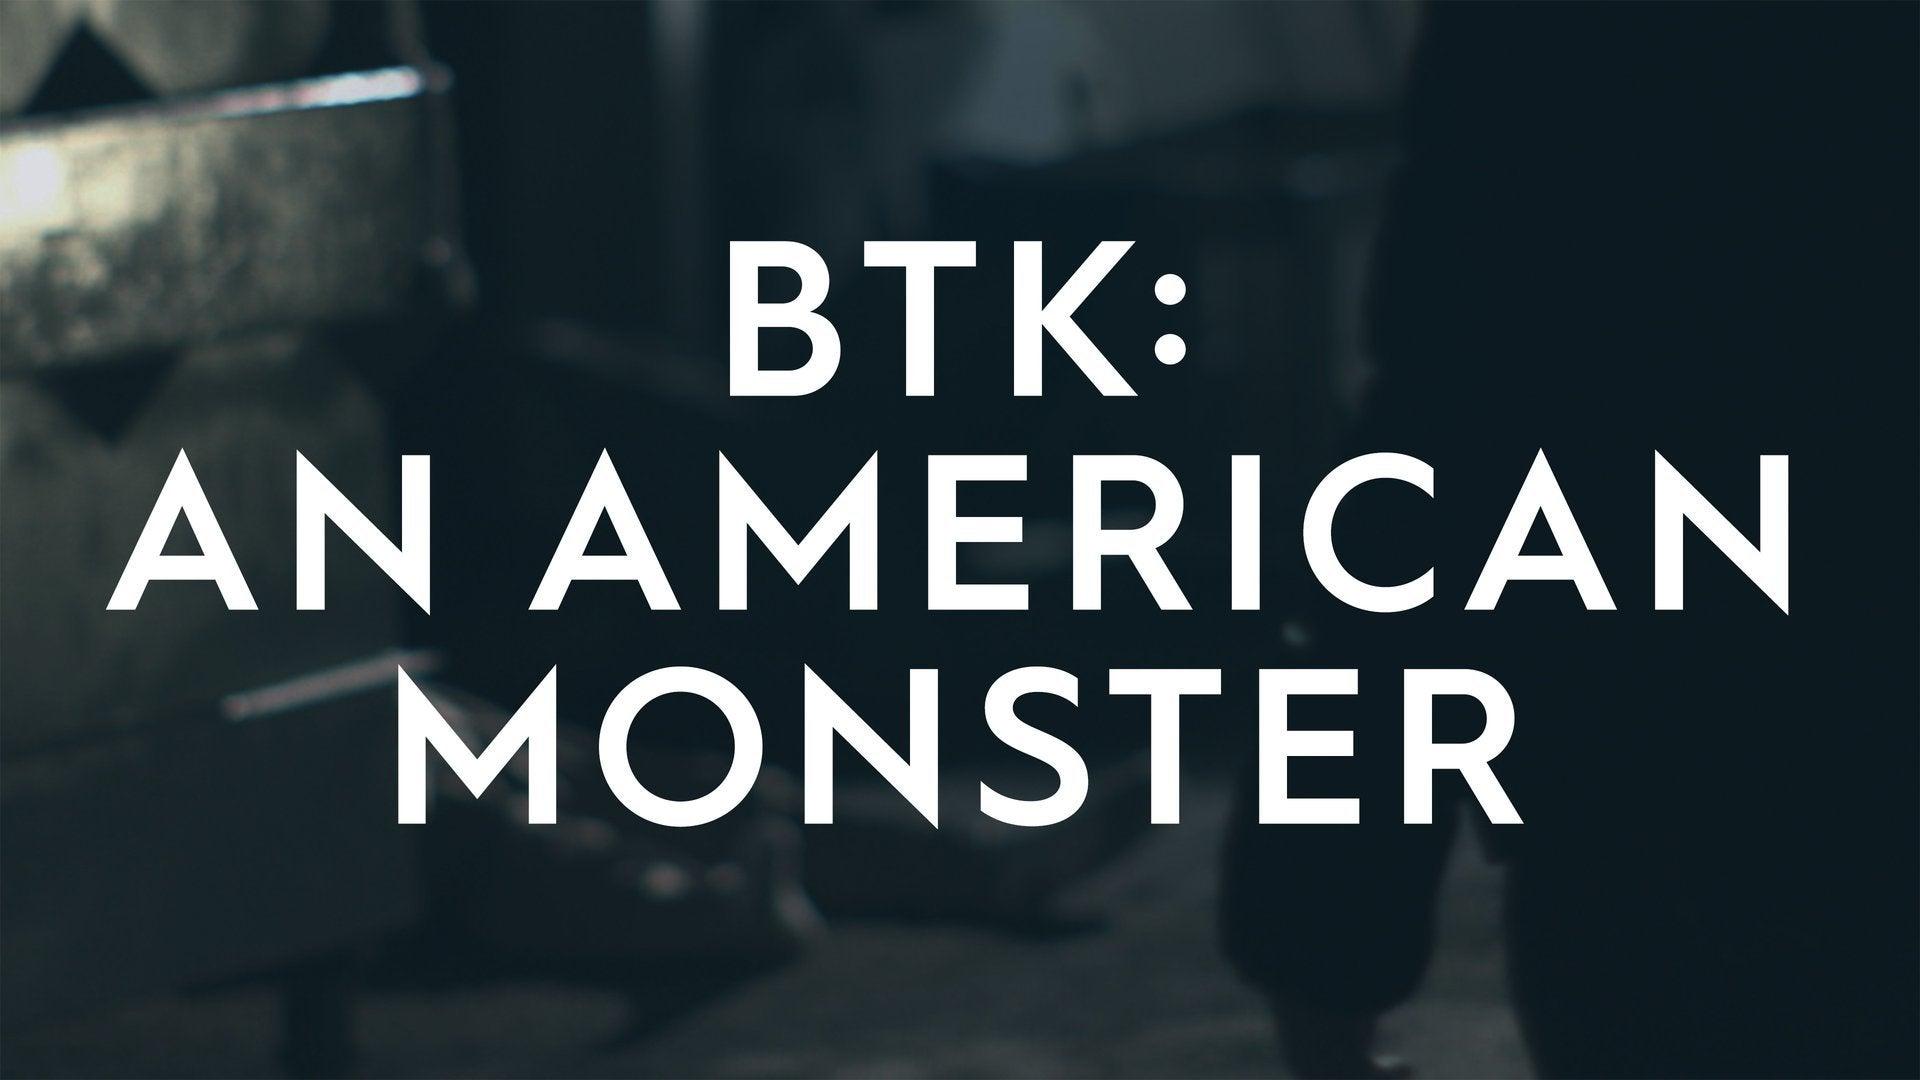 BTK: An American Monster